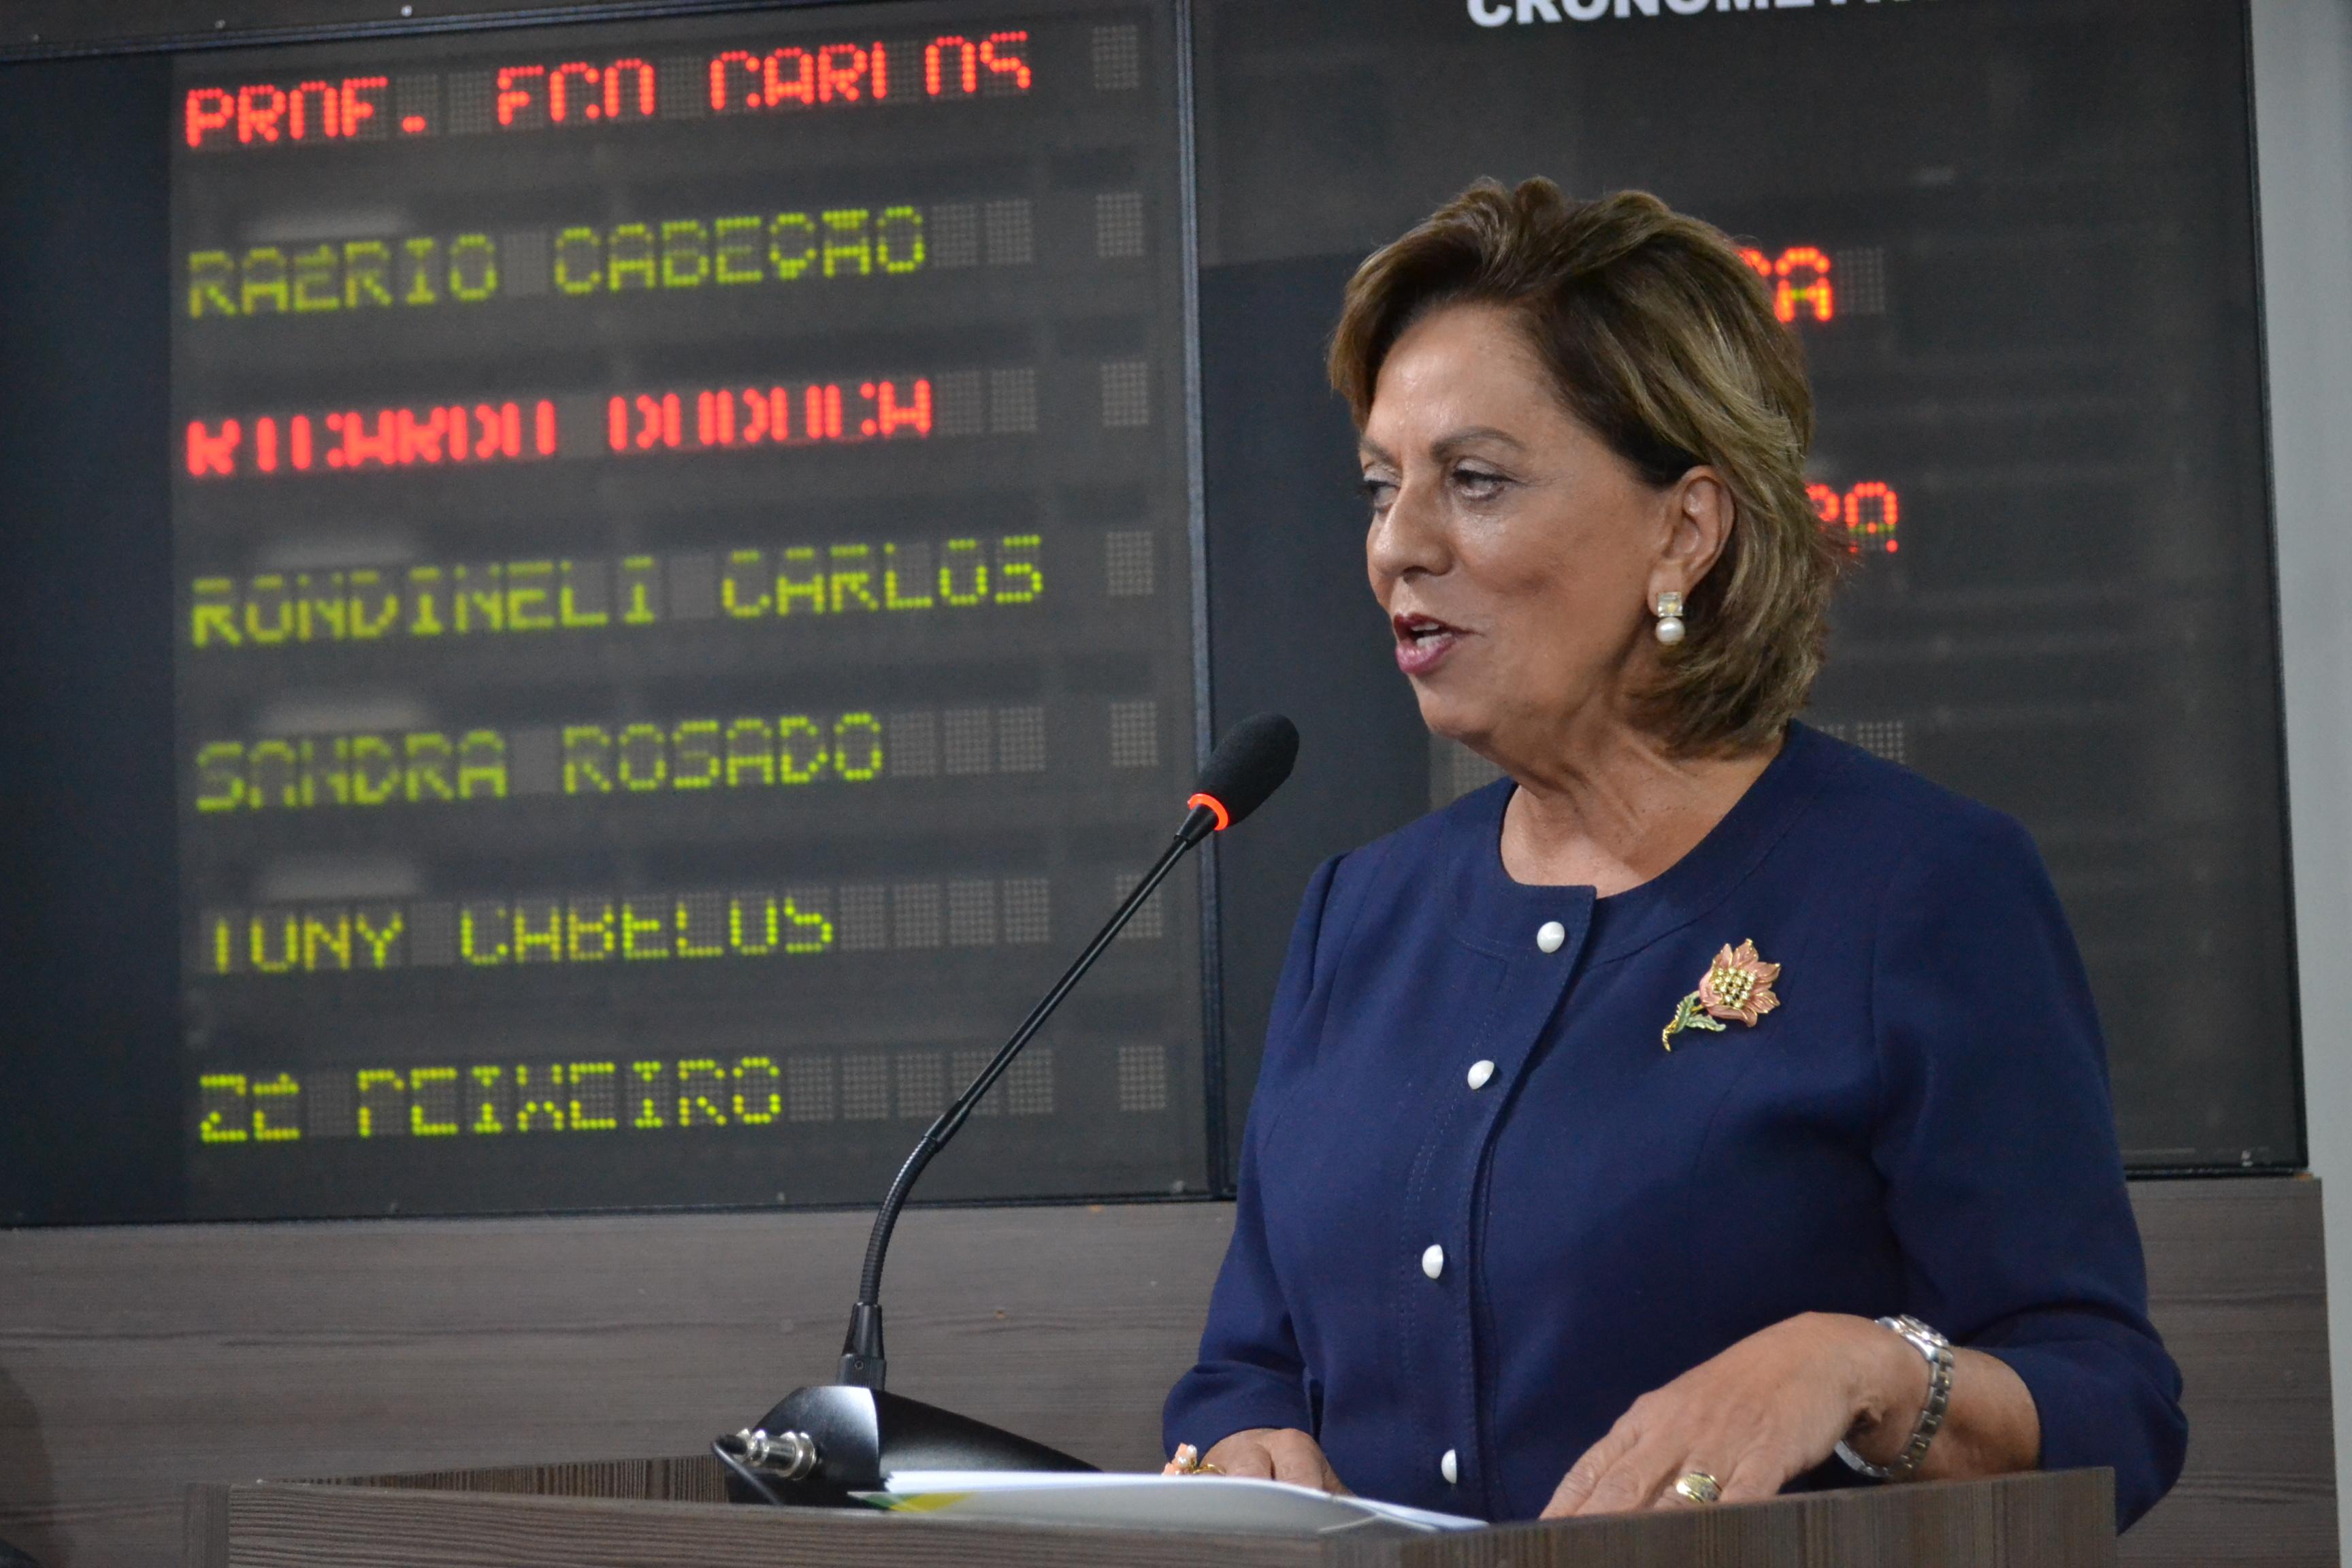 Rosalba exalta pioneirismo e bravura dos mossoroenses em sessão solene